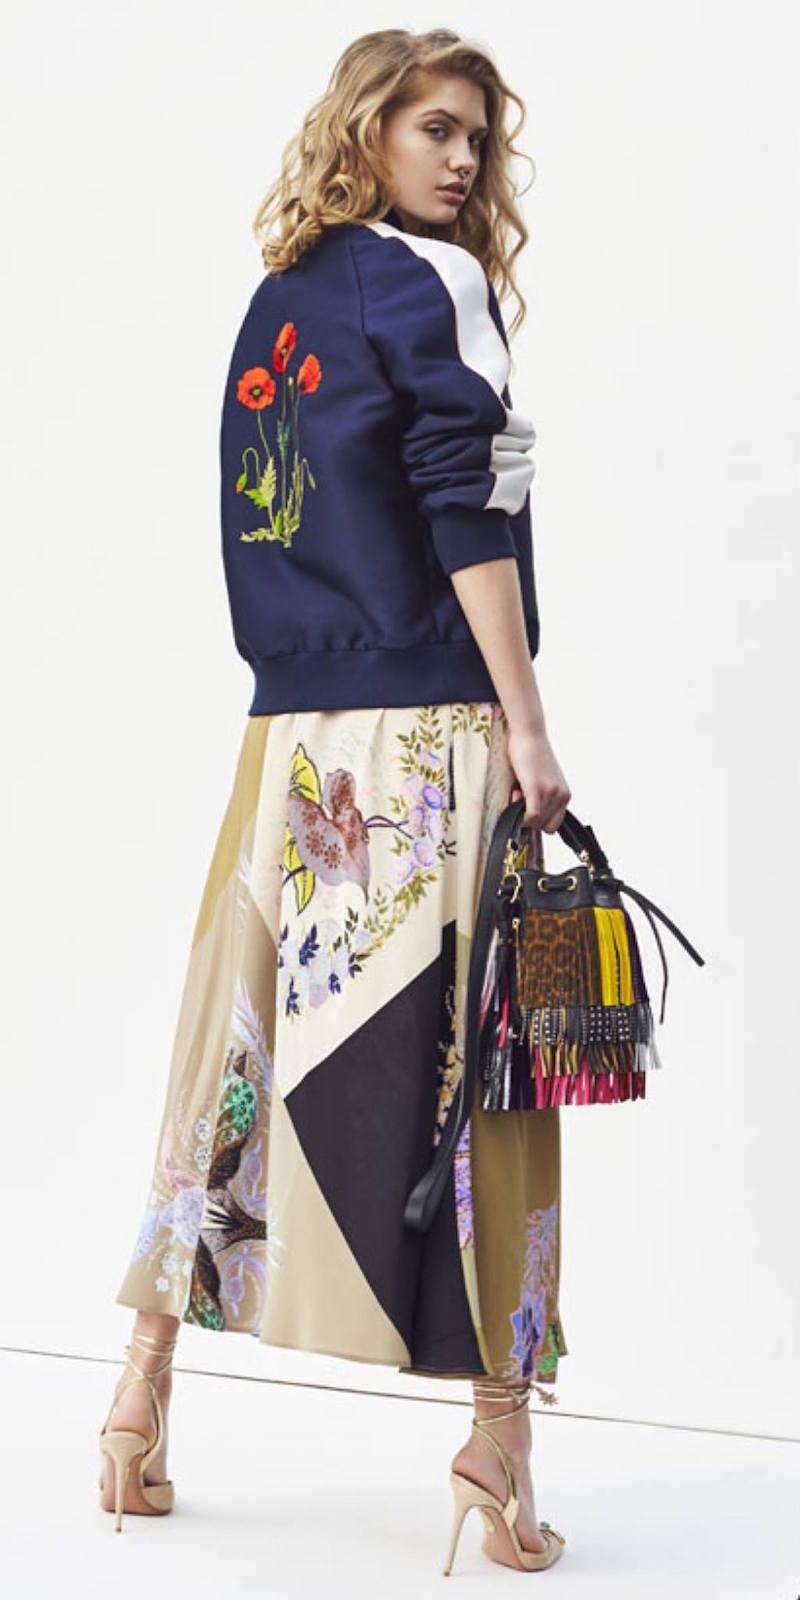 Stella McCartney Lorinda Botanical Embroidery Jacket